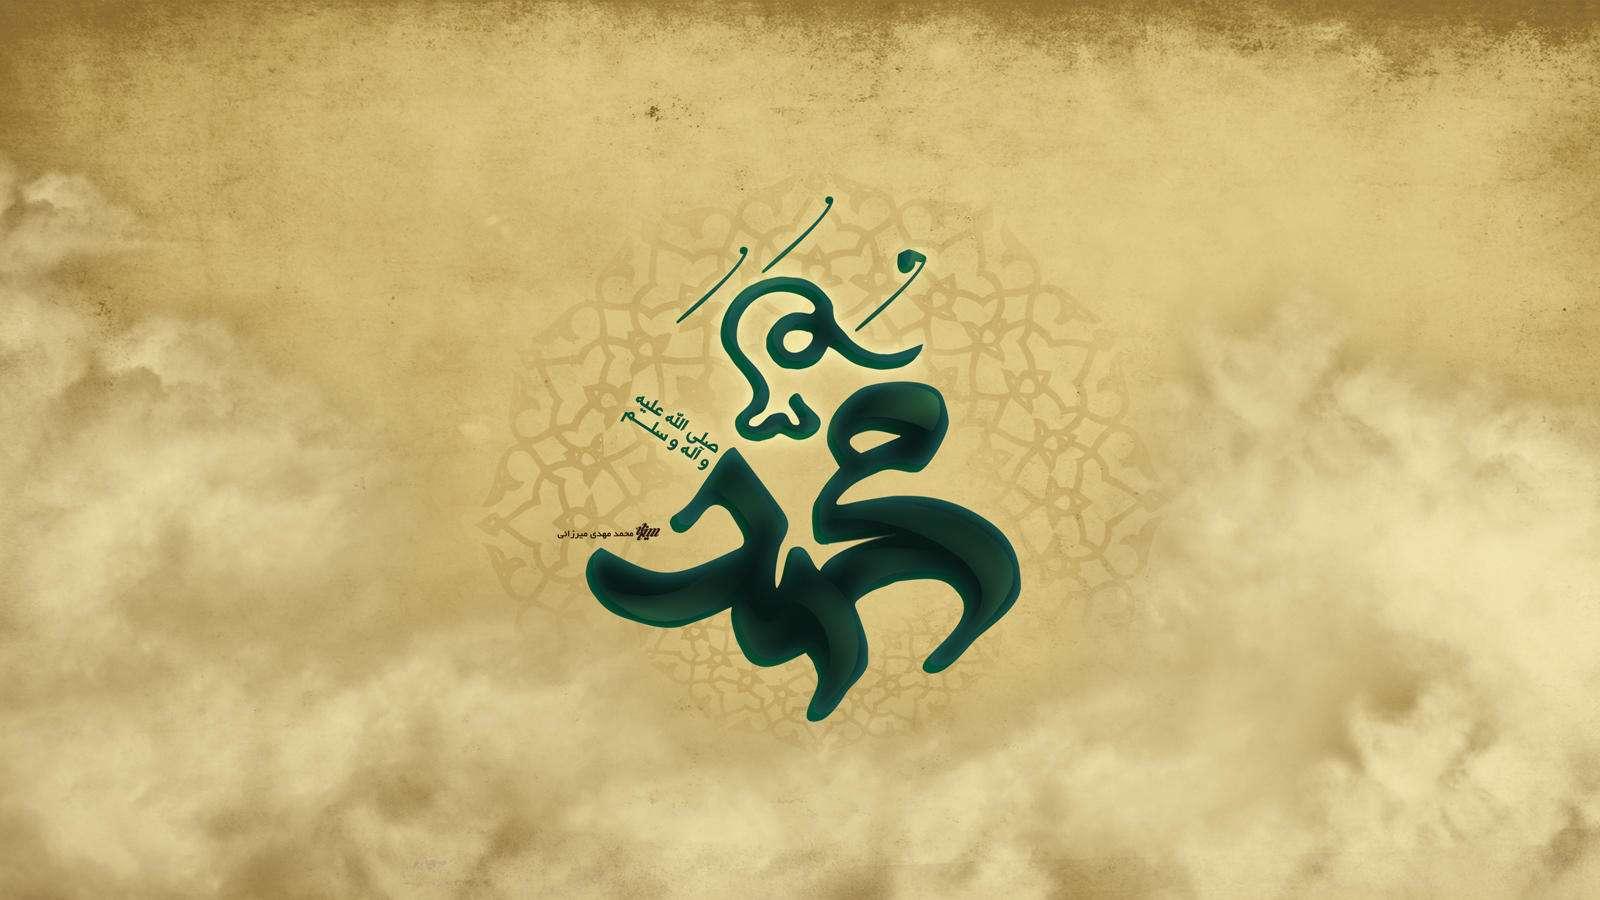 صوت/ شعر شنیدنی - والا پیامدار «محمد»